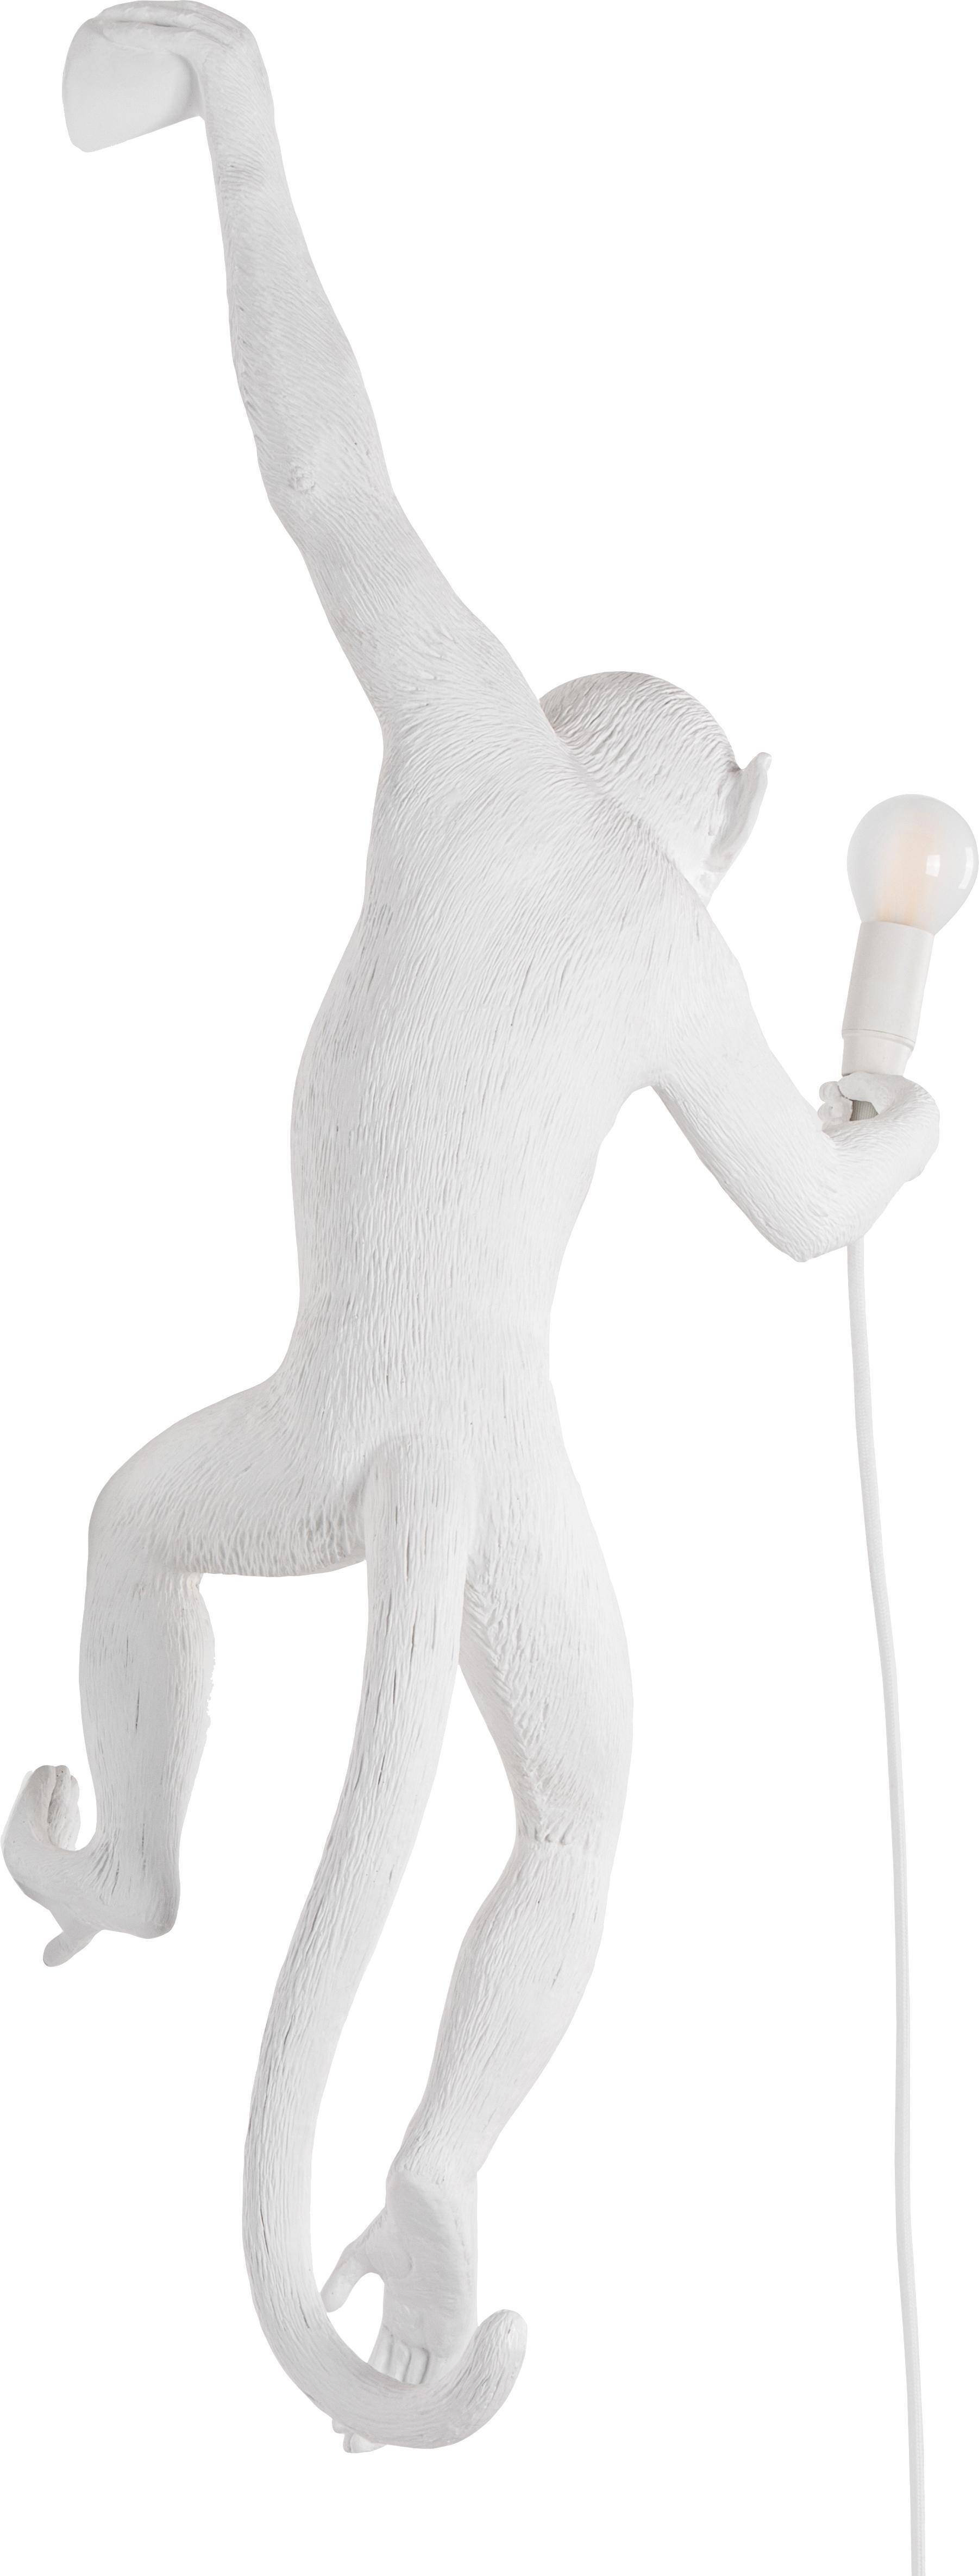 Applique LED avec prise secteur Monkey, Blanc